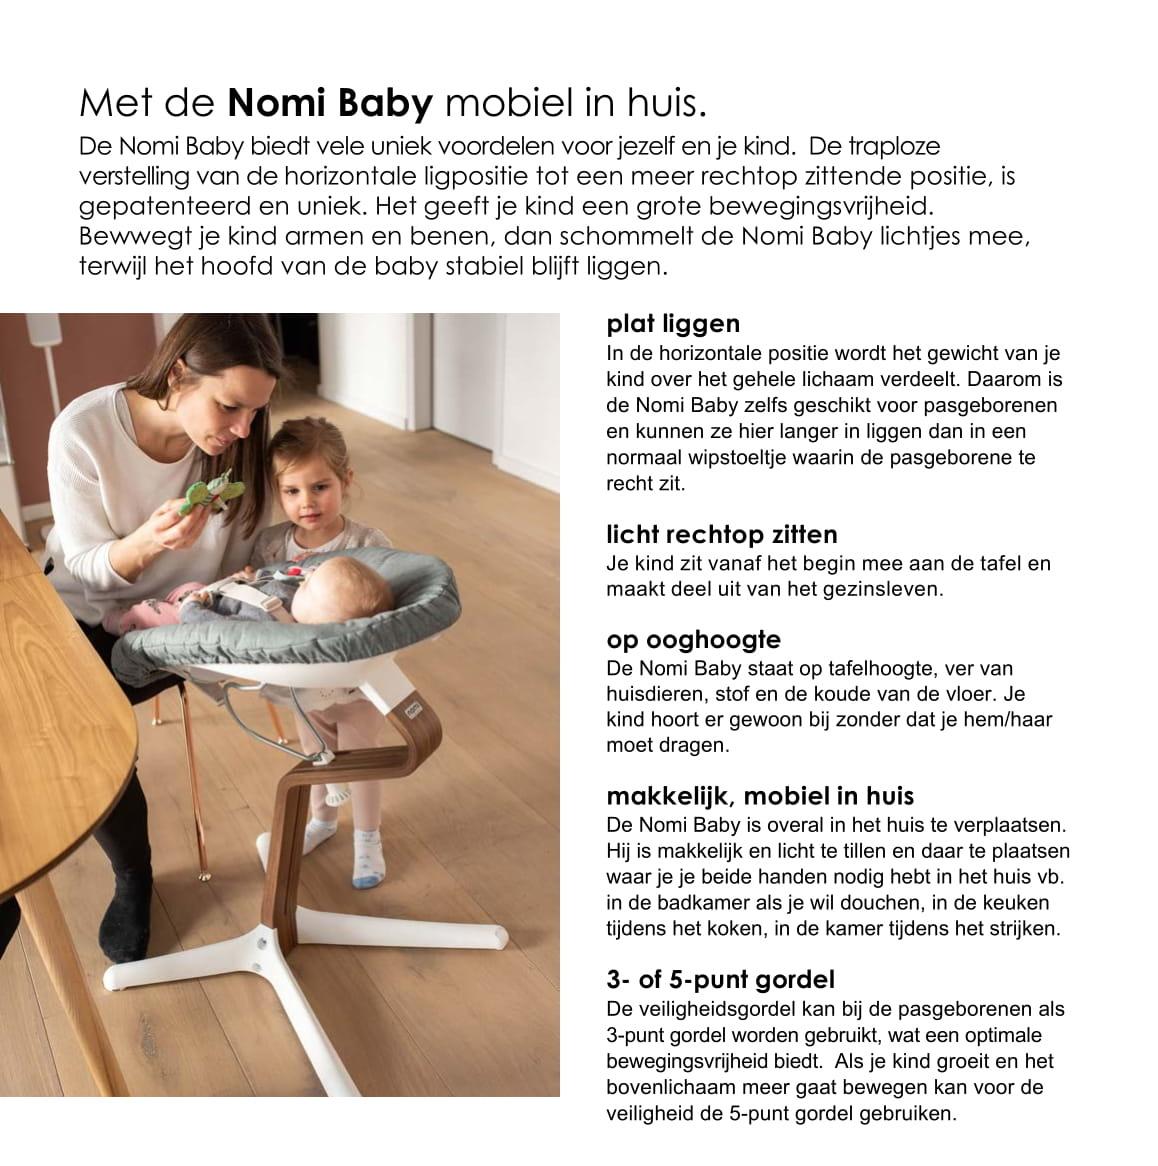 Nomi NOMI highchair: ideale set vanaf 6 maanden met Basis met Meegroeistoel, Zitkussen, Beugel, Tray en Harnas - Basis eiken wit oiled, stoel Lime